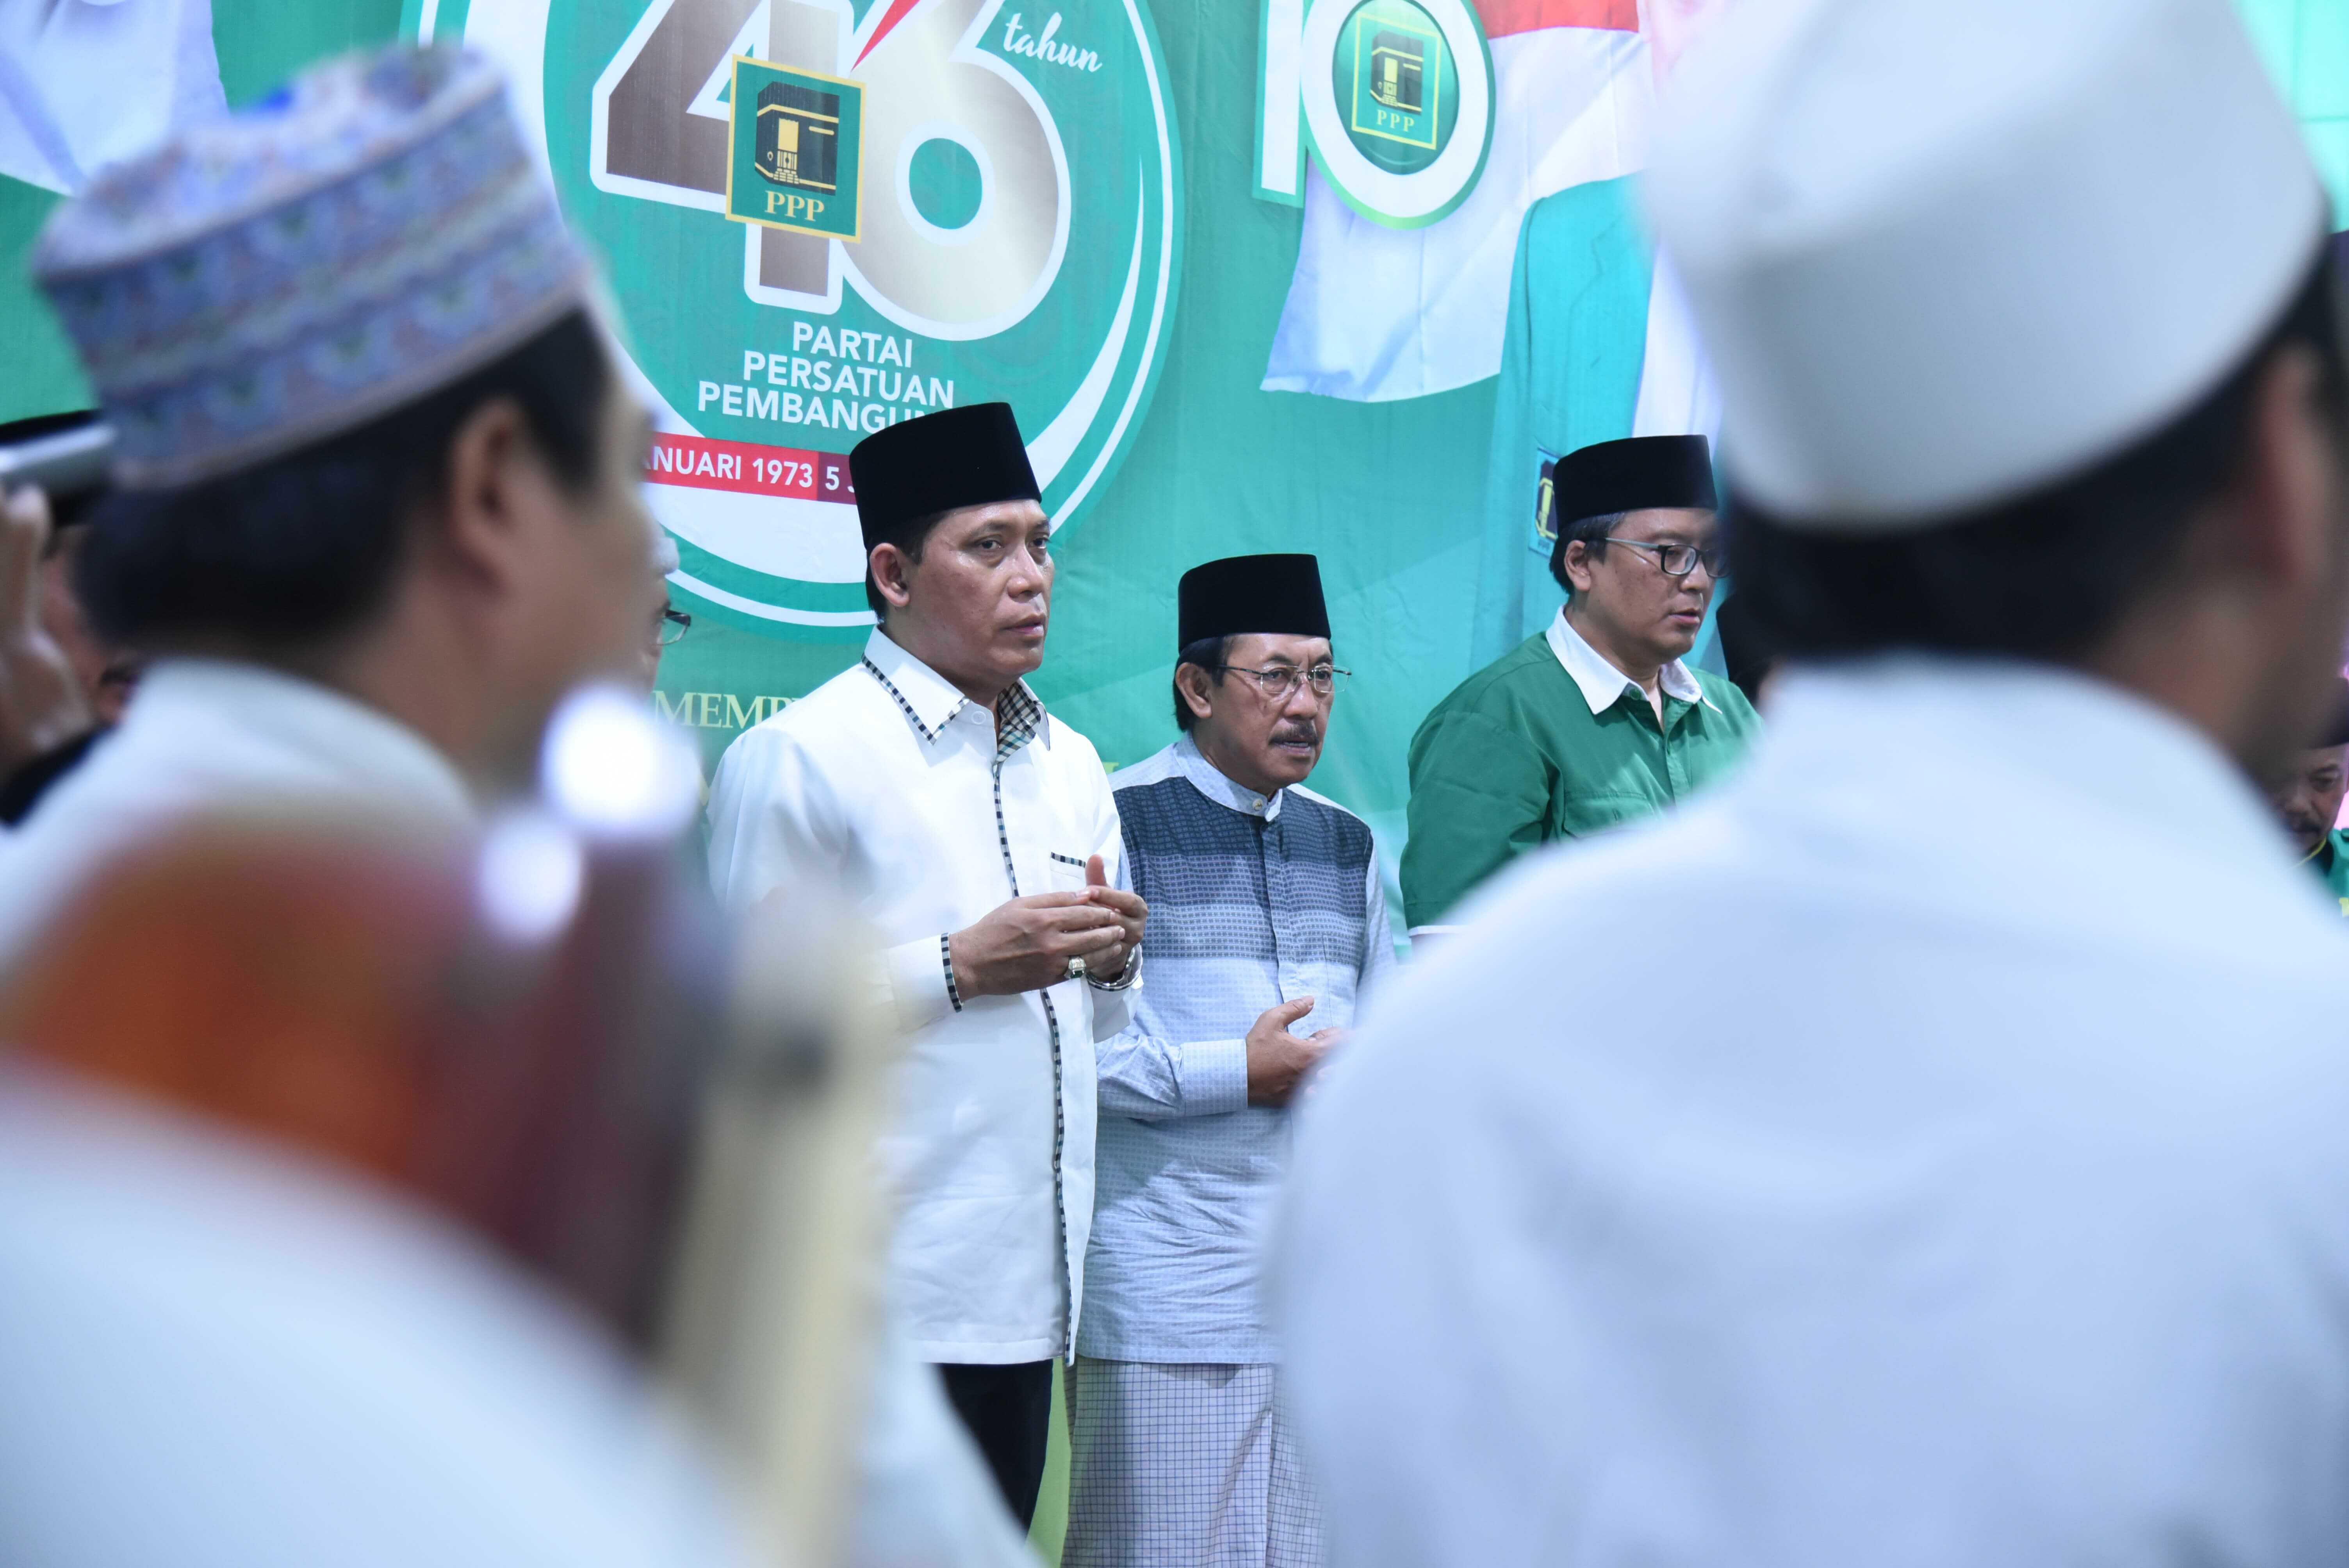 DPW PPP Jawa Timur Syukuran Harlah PPP ke-46 dengan 10 Tumpeng Hijau